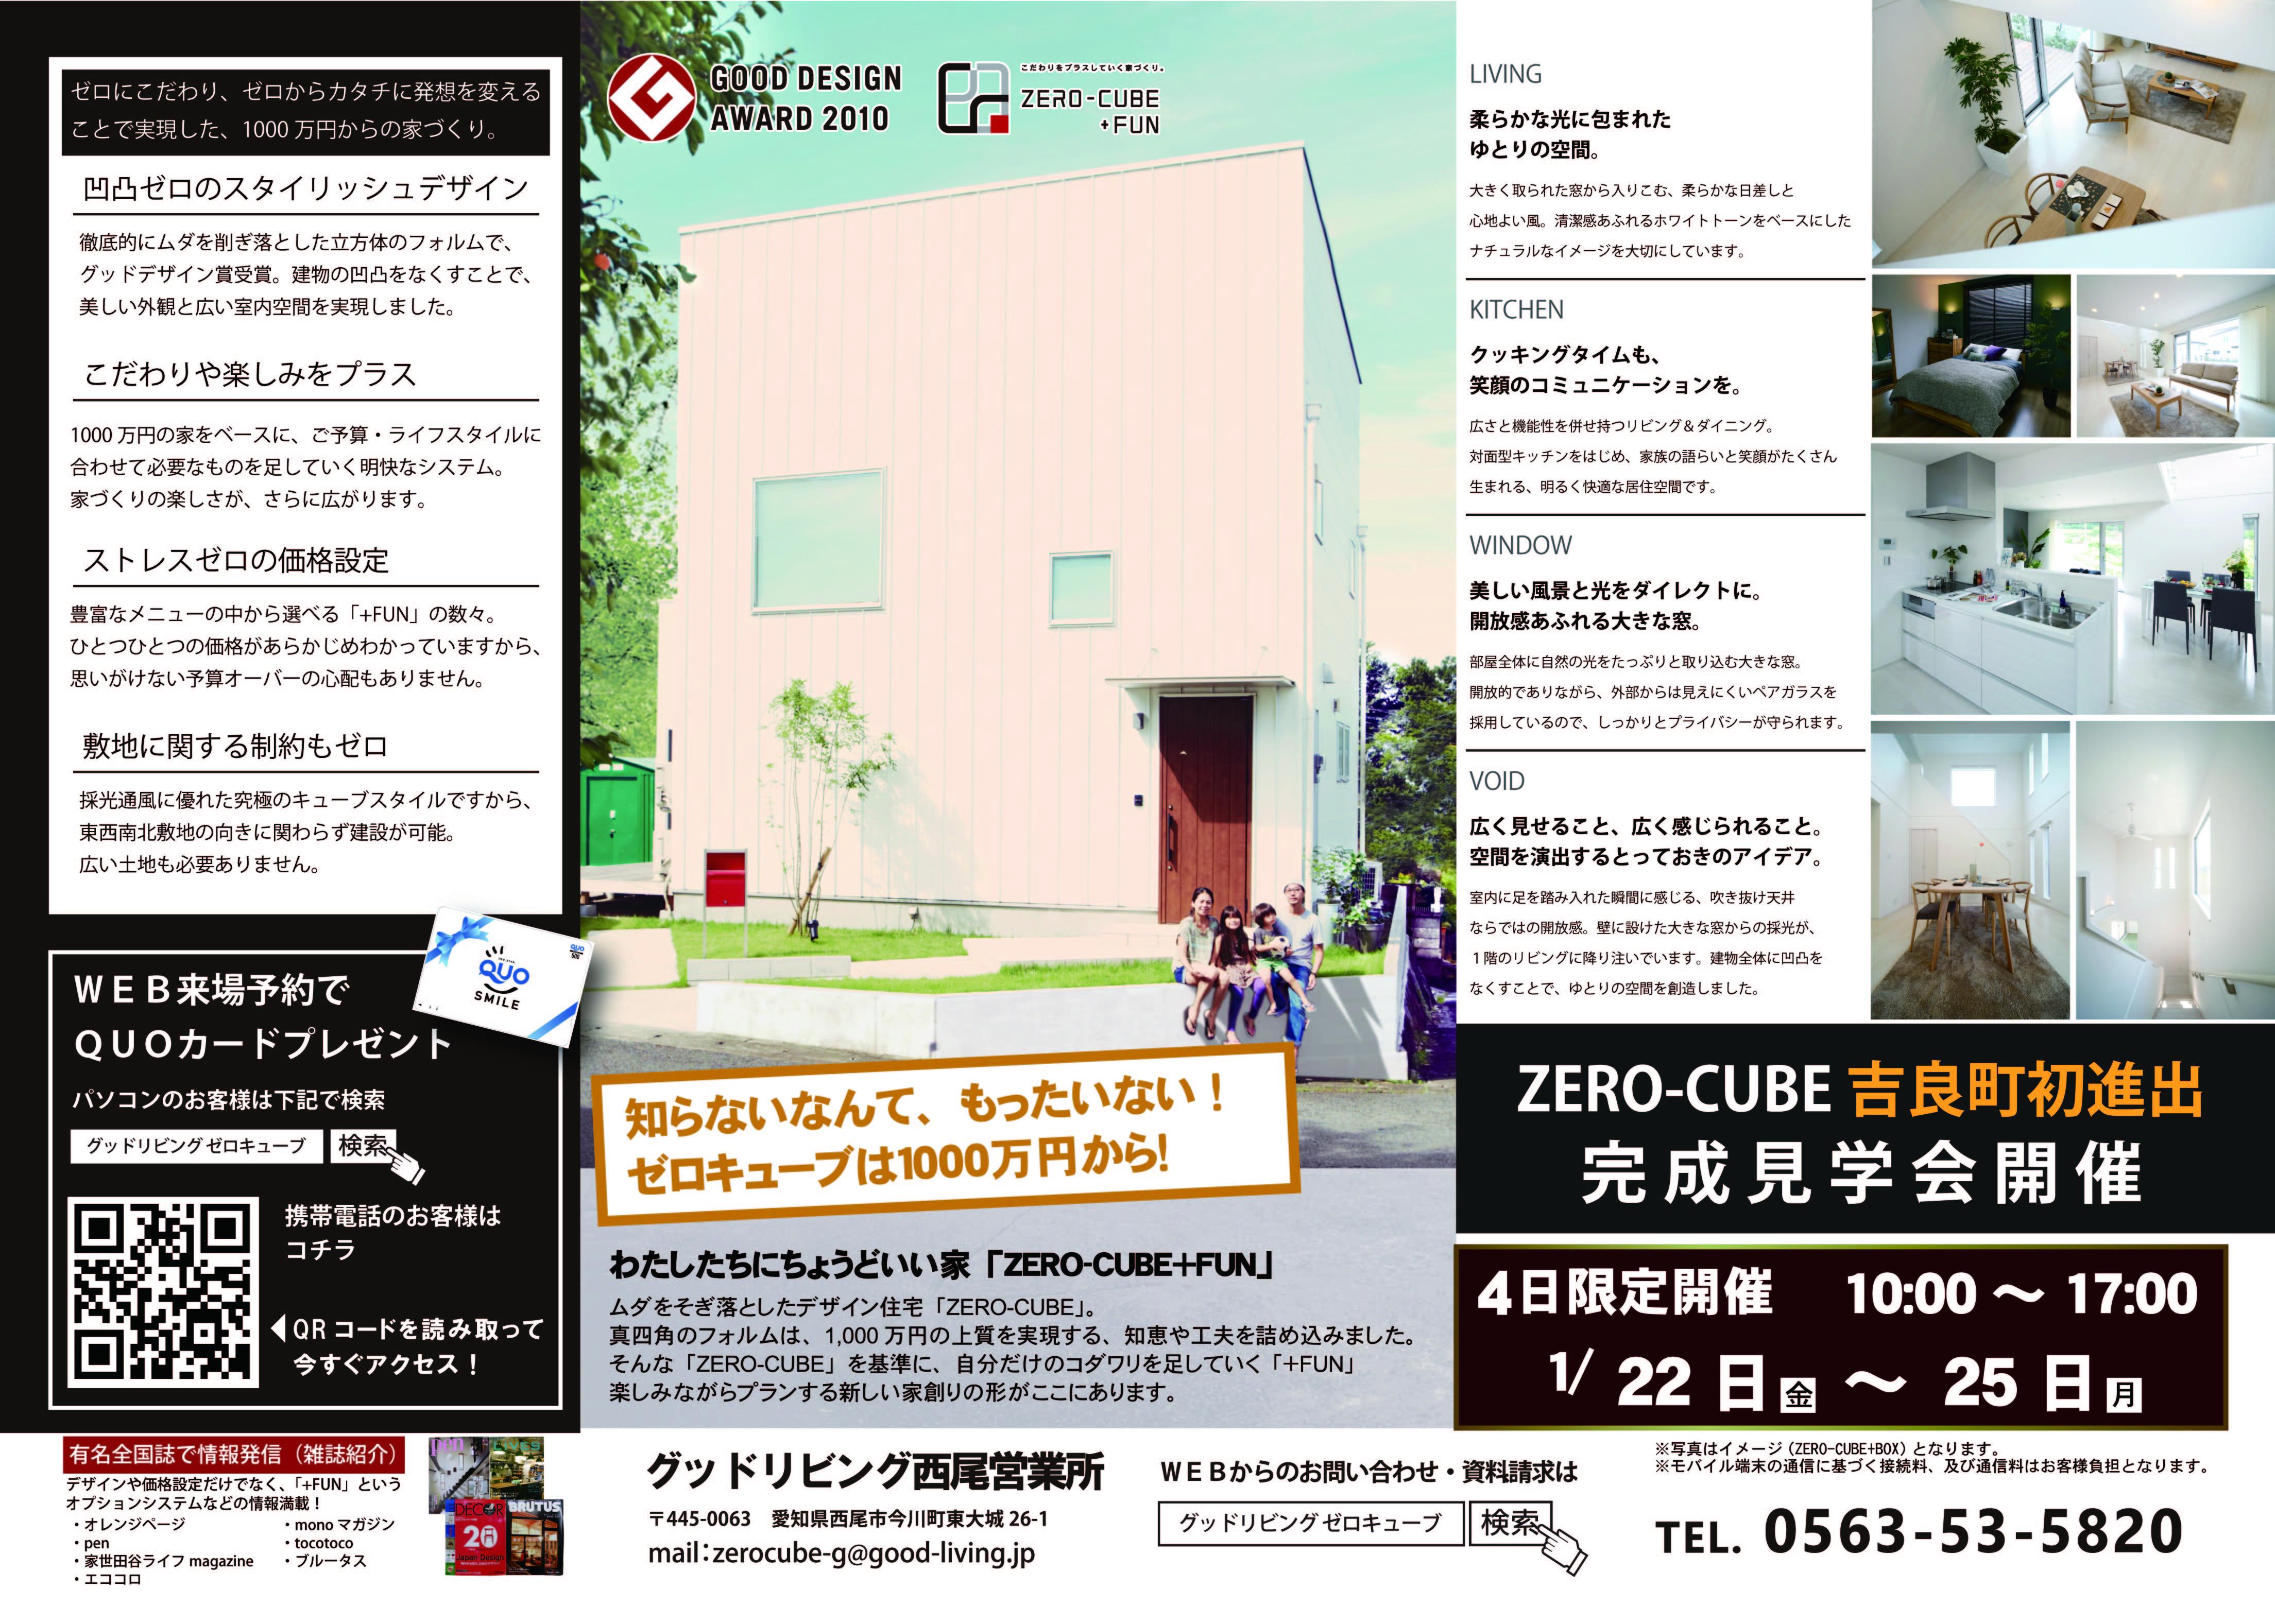 1601_浅井様邸見学会-01.jpg